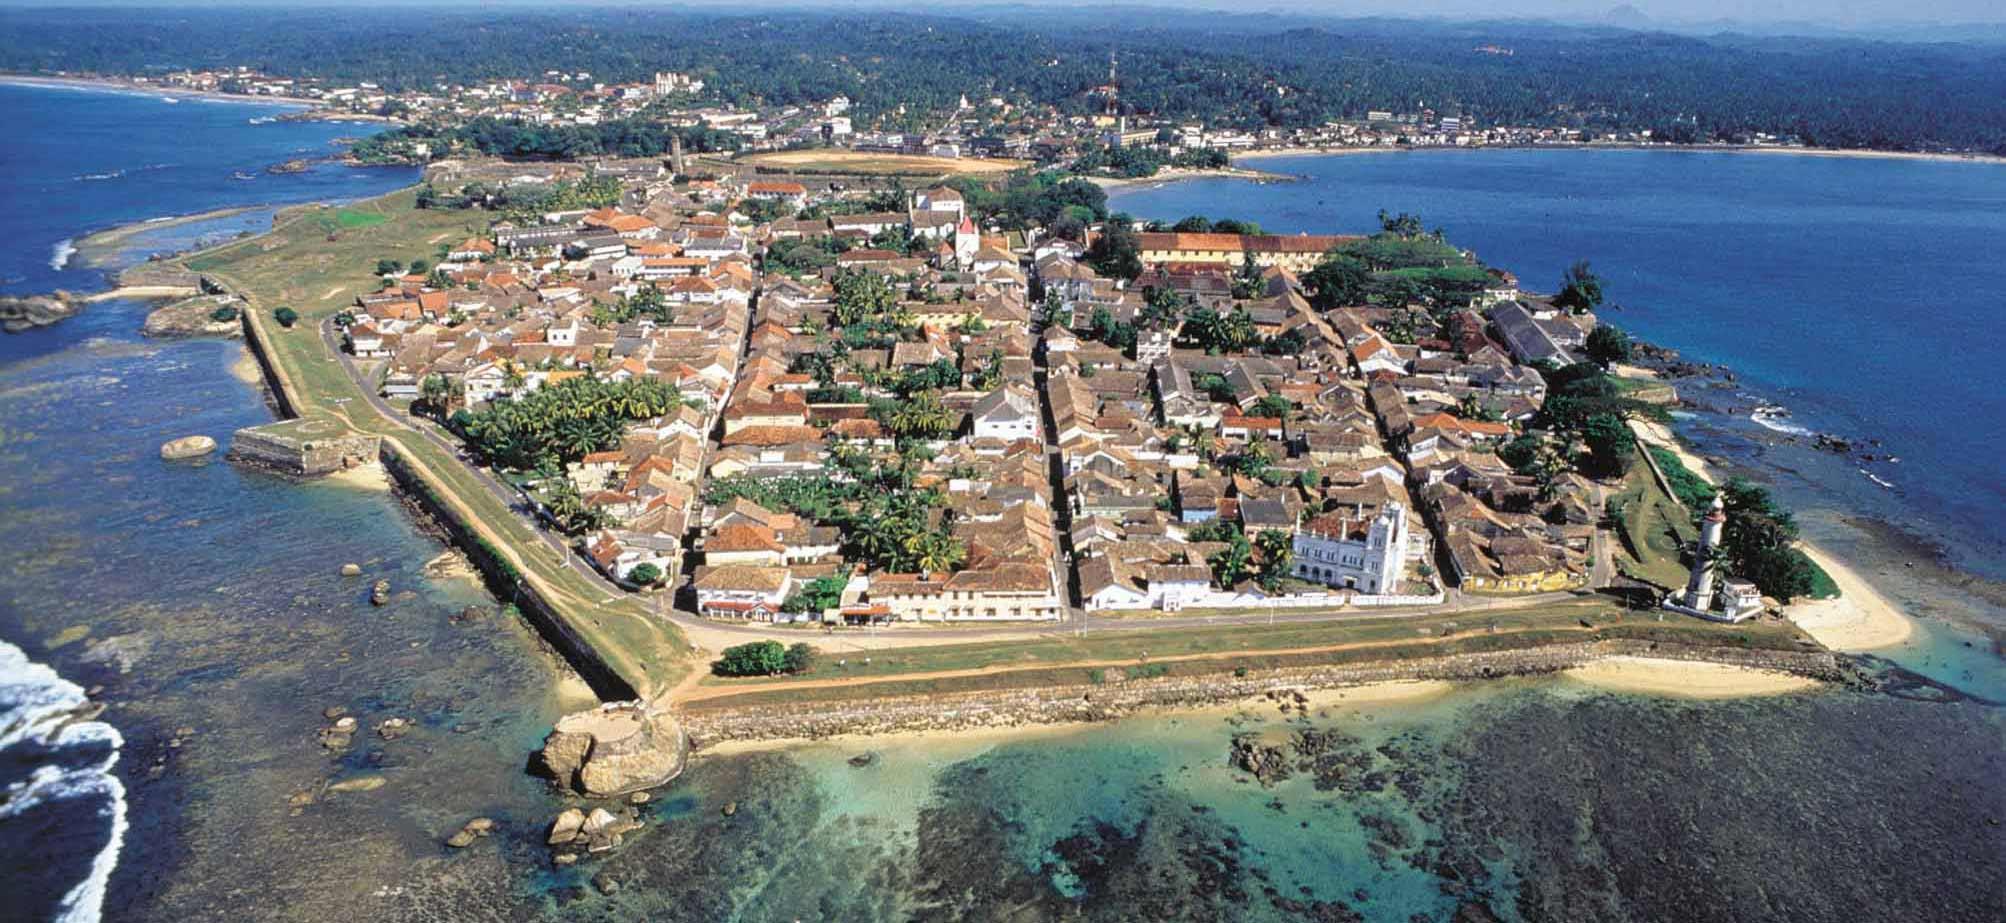 Vista aérea de la ciudad de Galle